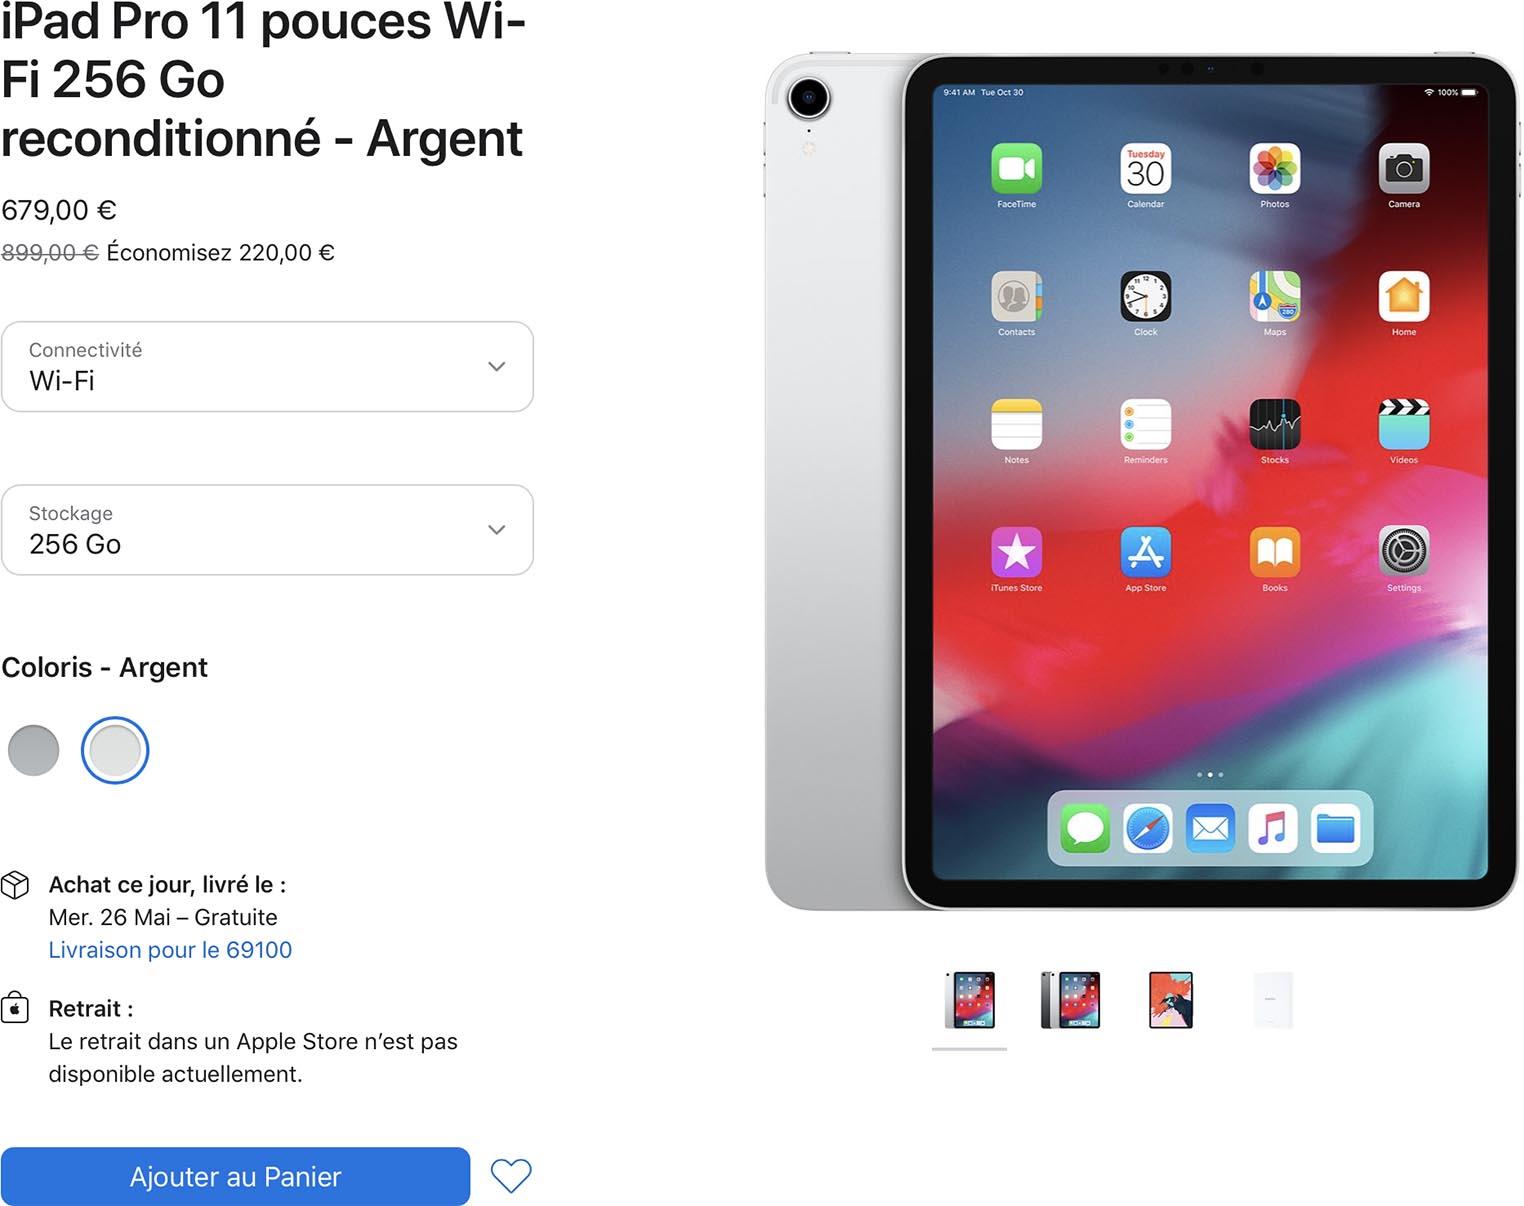 iPad Pro 2018 Refurb Store